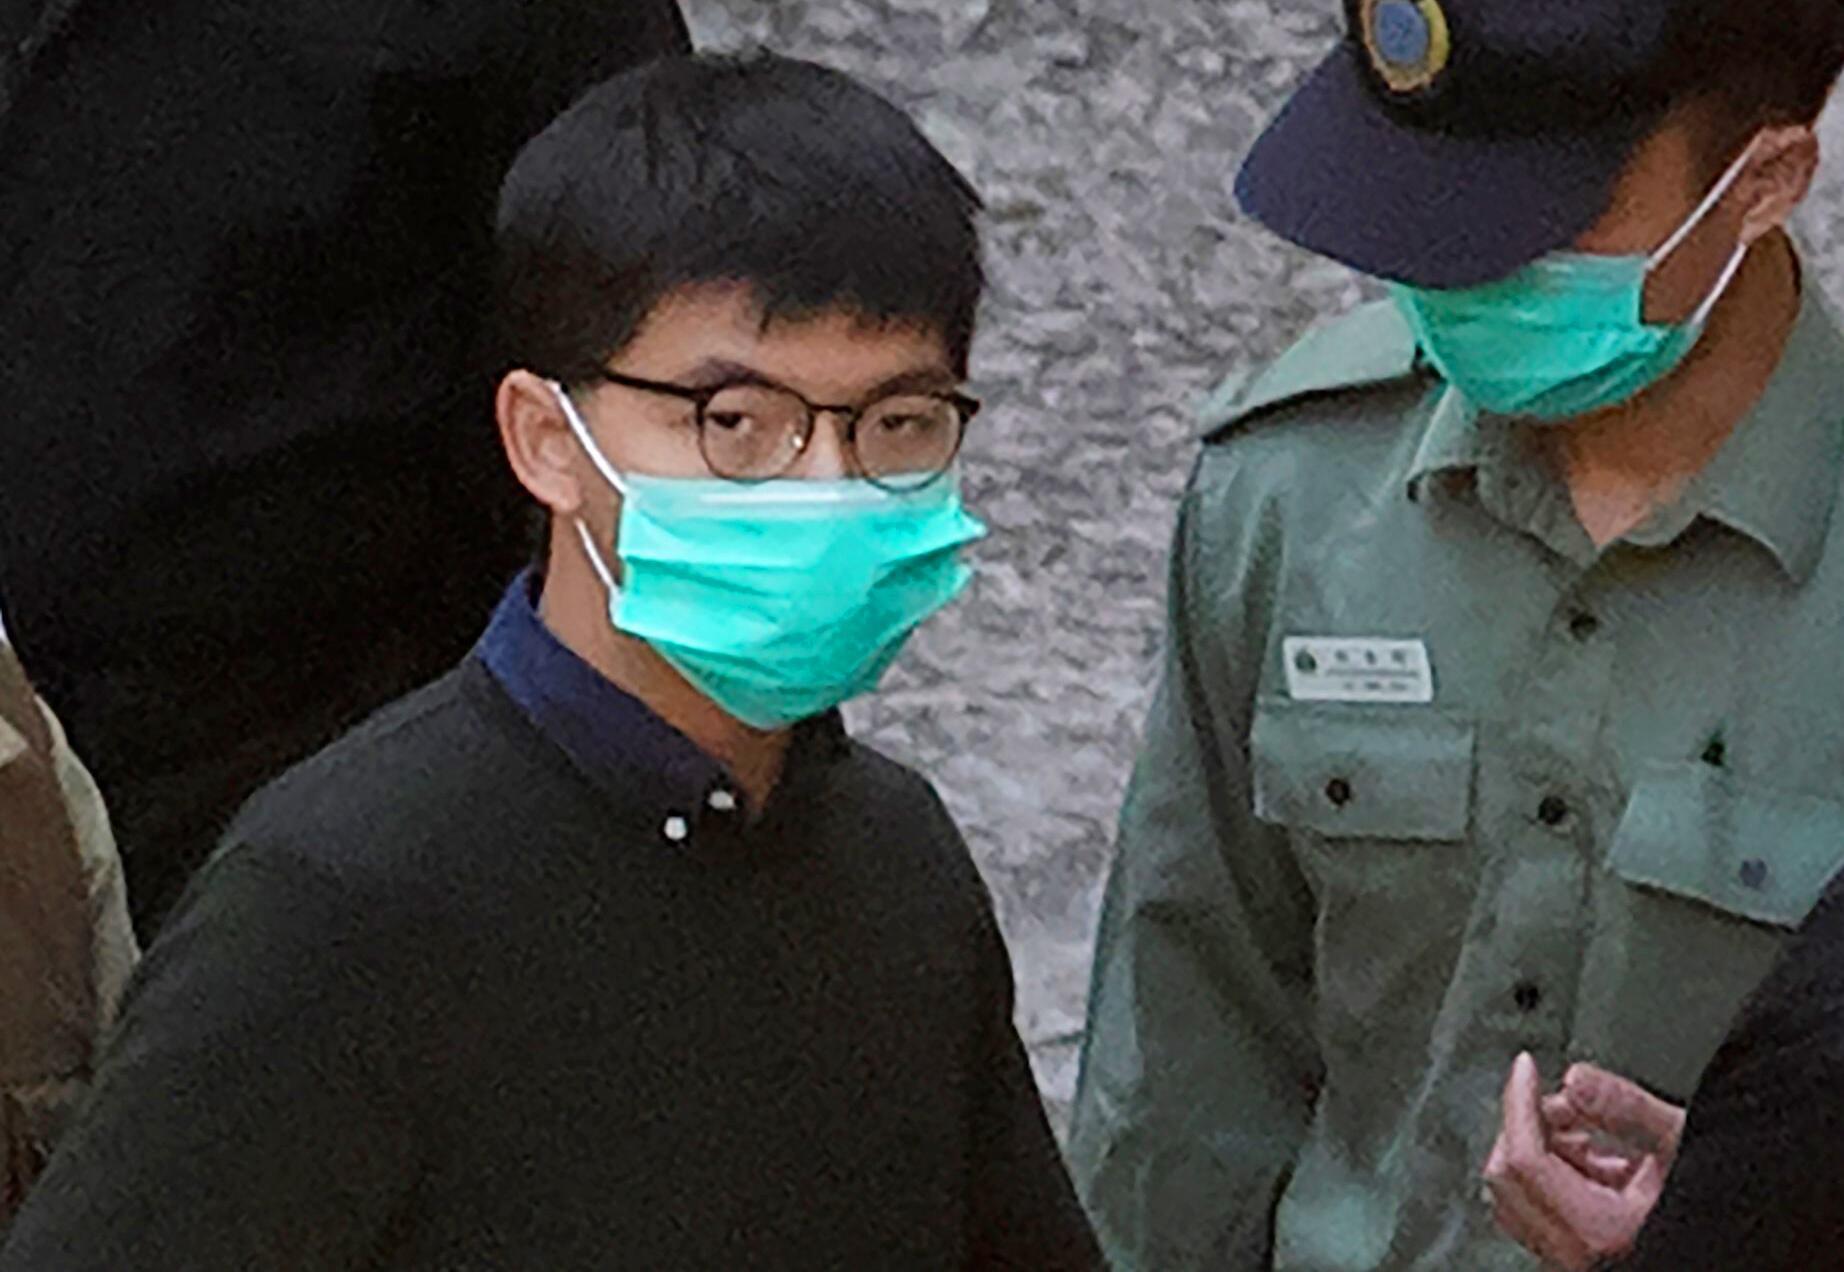 Hongkong - Demokratie-Aktivist Joshua Wong verurteilt